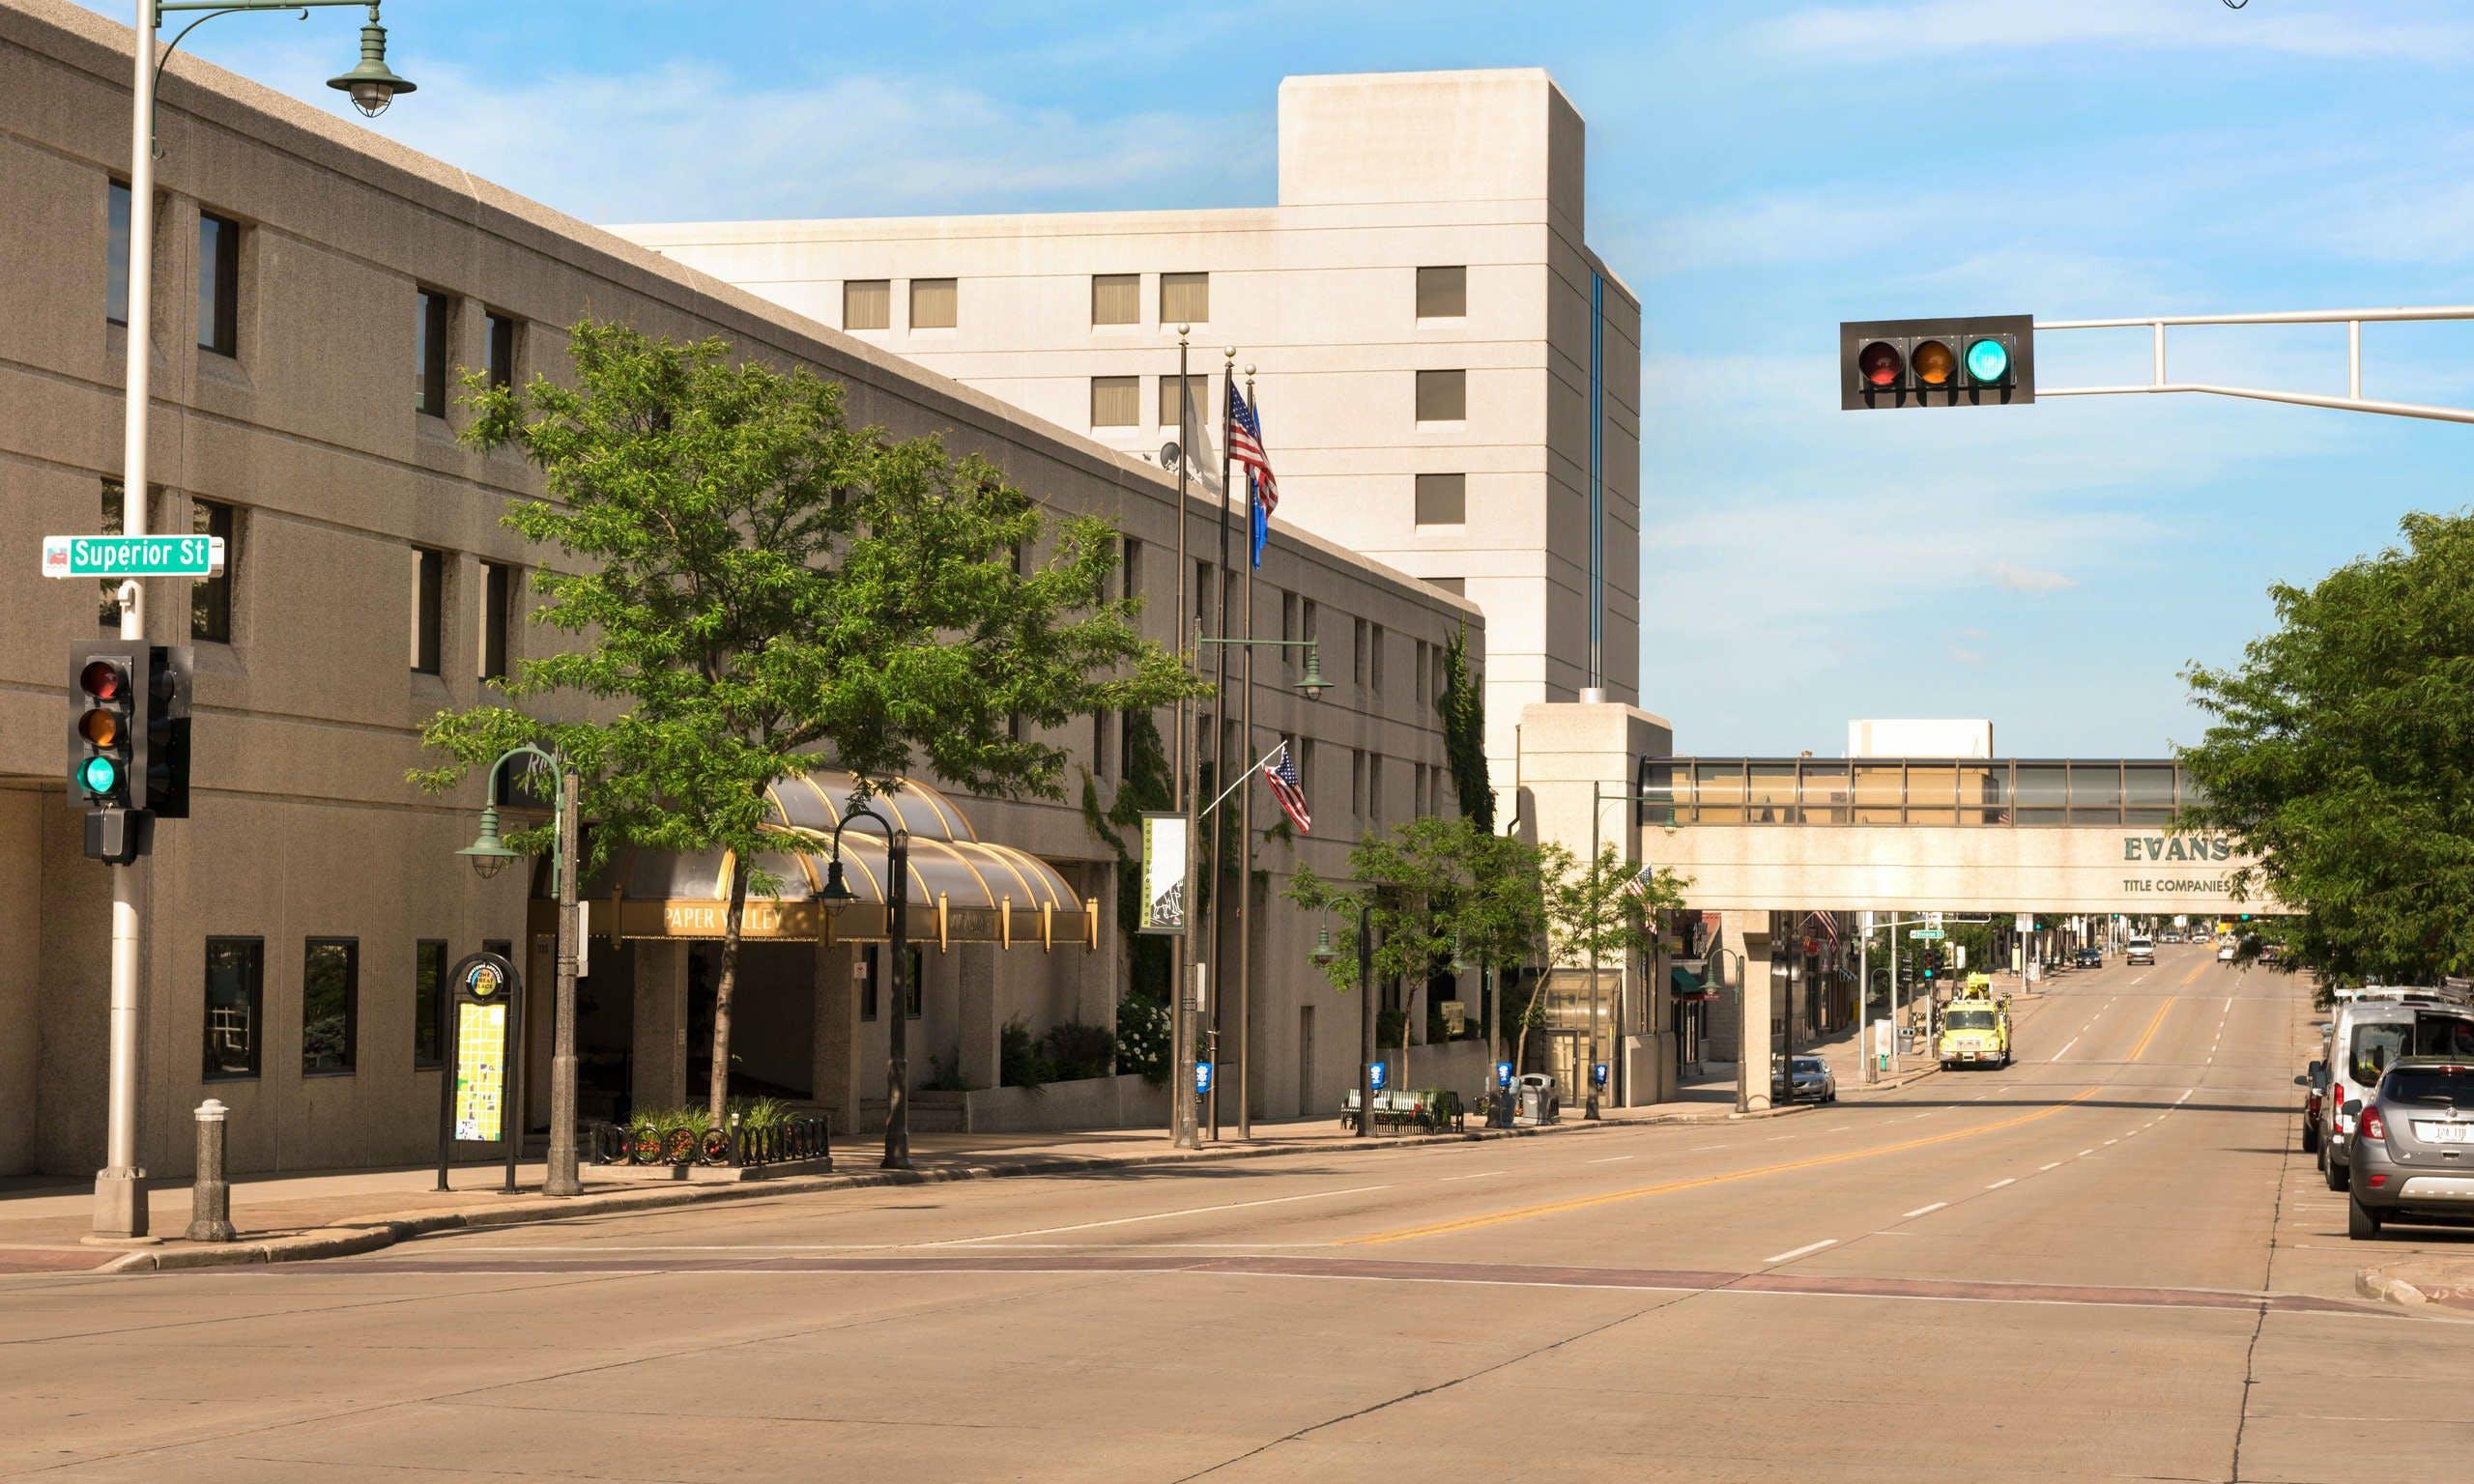 Last Minute Hotel Deals in Appleton - HotelTonight